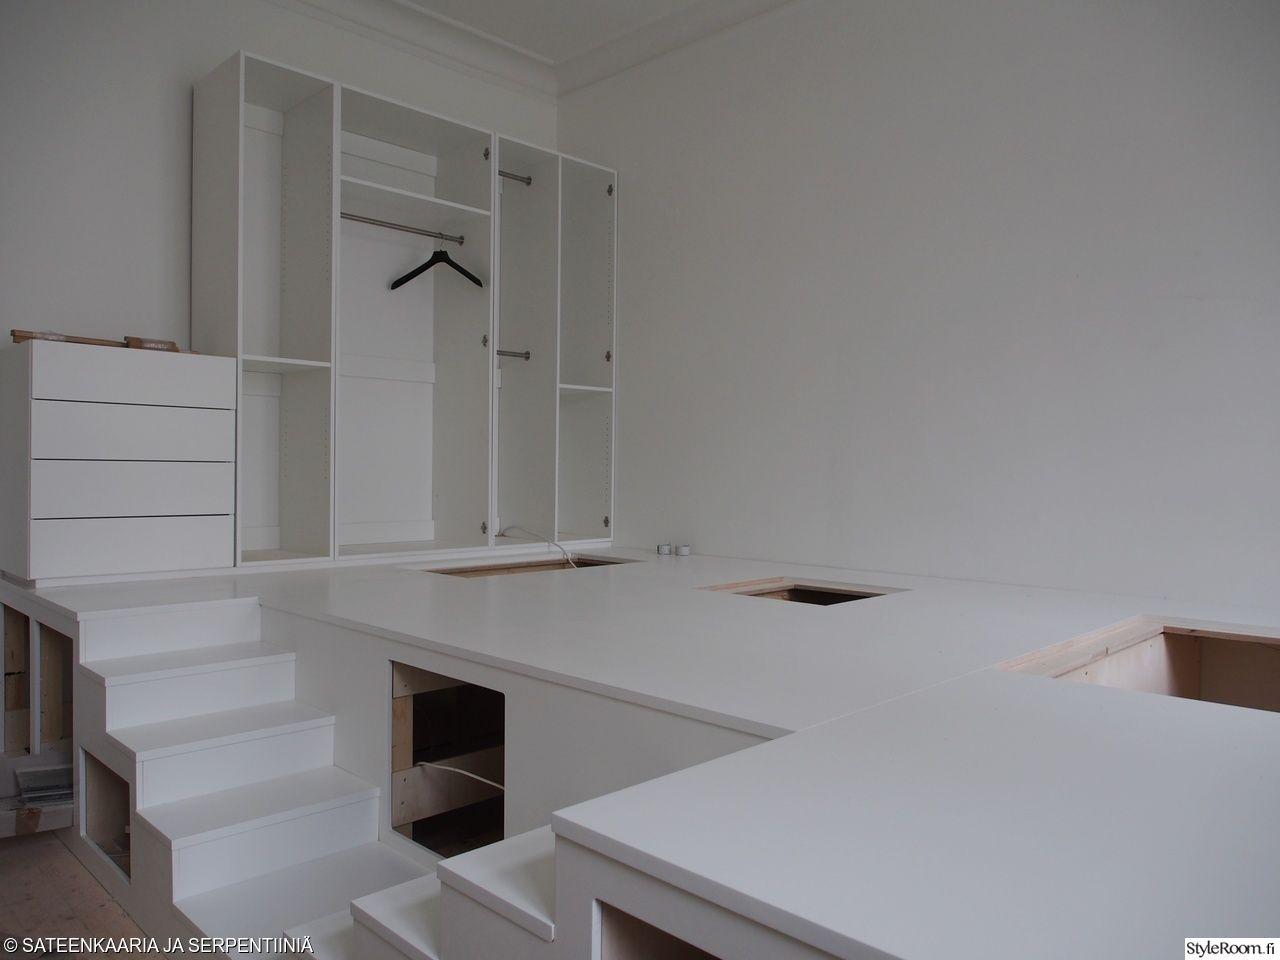 säilytys,säilytysratkaisu,säilytyskaluste,säilytyskalusteet,laatikosto,laatikot,portaikko,portaat,vaatesäilytys,vaatekaappi,vaatekaapit,vaatekomero,projekti,remontti,makuuhuone,olohuone,tila hyötykäyttöön,tilaihme,tilansäästö,tilasuunnittelu,pieni koti,pienen tilan ratkaisu